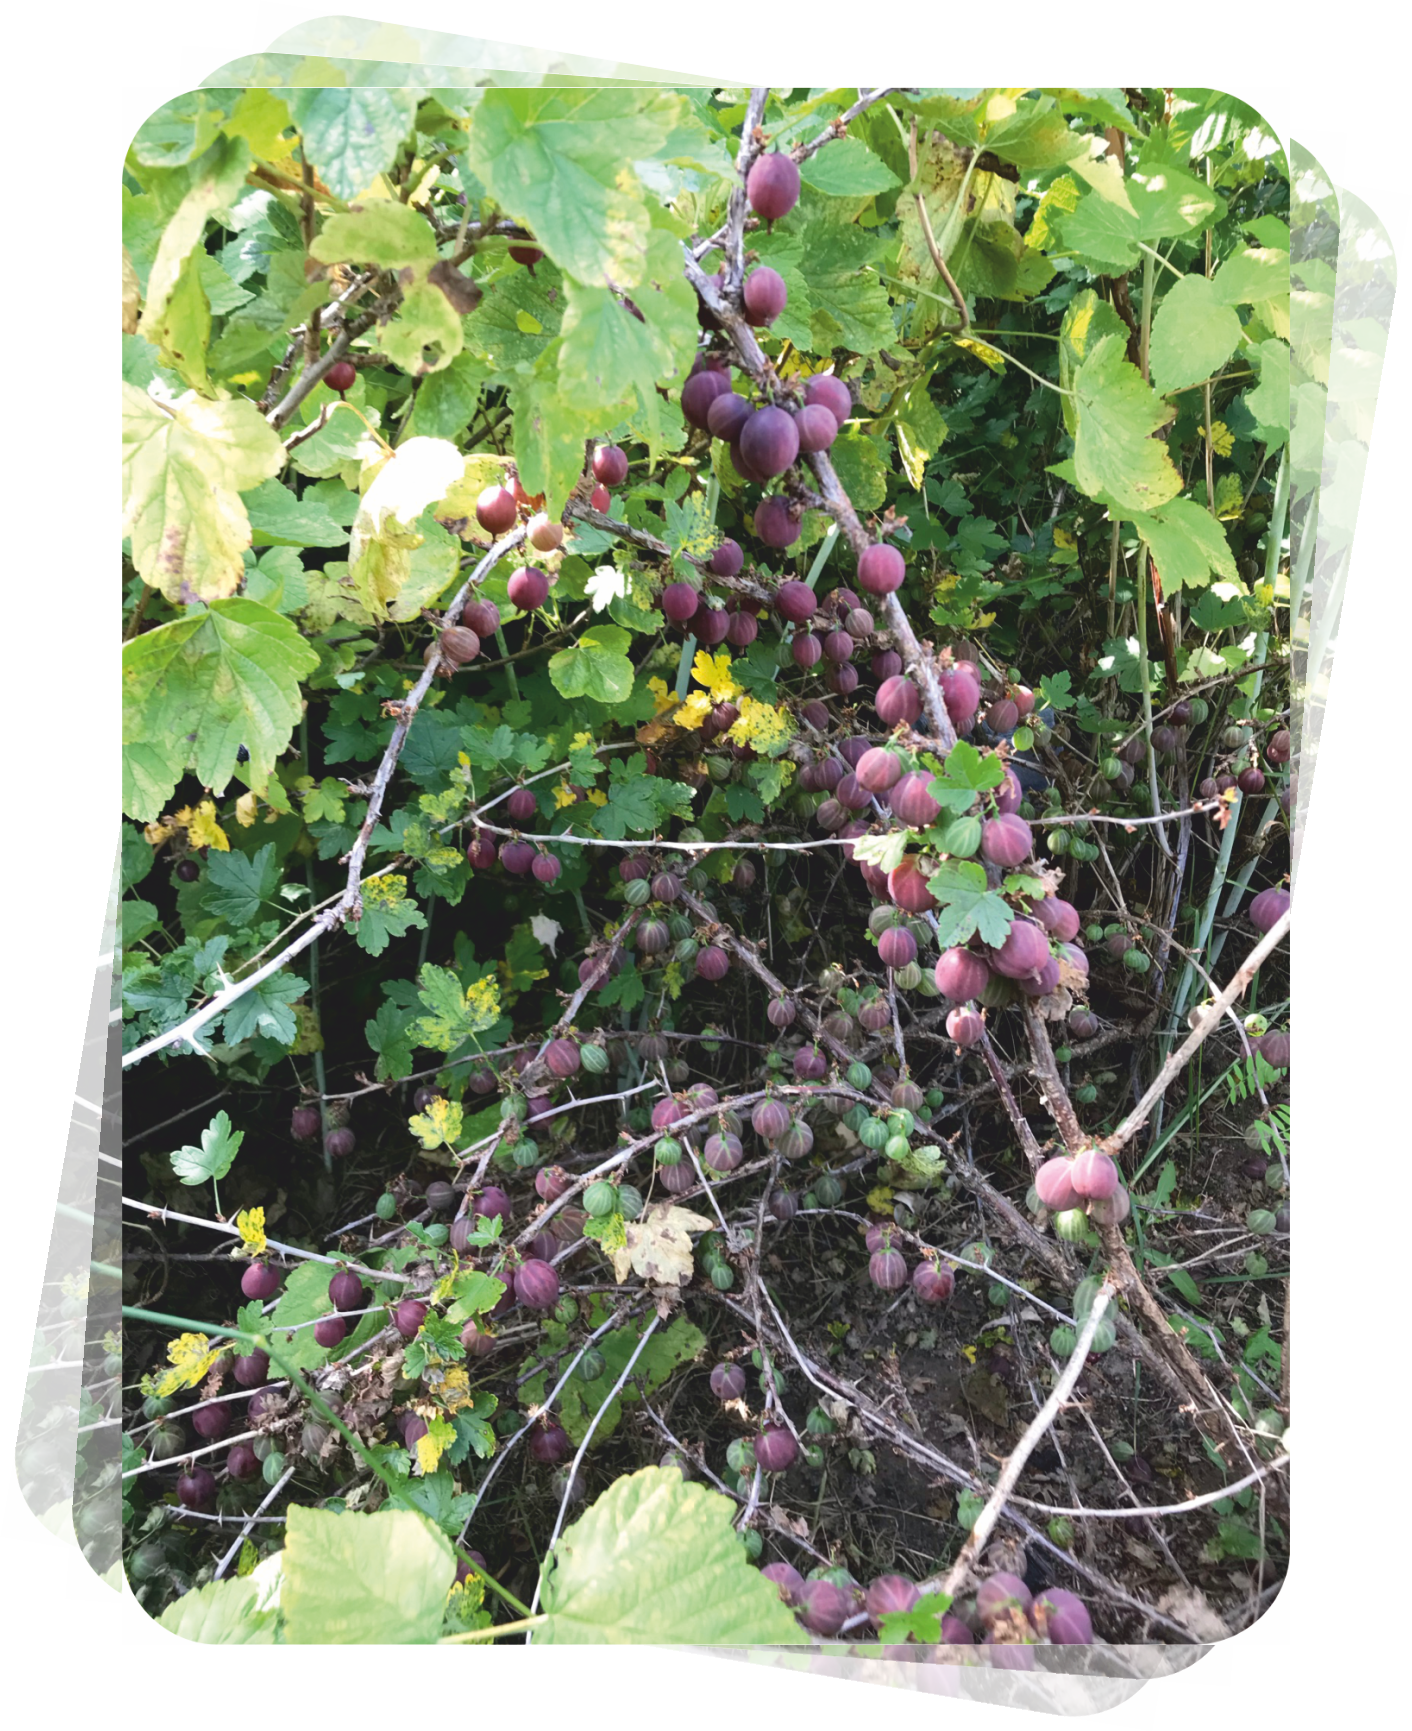 В этом году у Галины Дмитриевой ягод хоть отбавляй. Малина, смородина, ирга... Уже варенье готово, часть урожая перетерта с сахаром. Заготовки ждут своего часа на полках погреба. Но особенно удивил крыжовник. На кустах ягод больше, чем листьев, да и сами они крупные и очень сладкие. «Я предпочитаю не варенье из крыжовника делать, а перетирать его с сахаром. Вкуснятина получается!» - делится она.